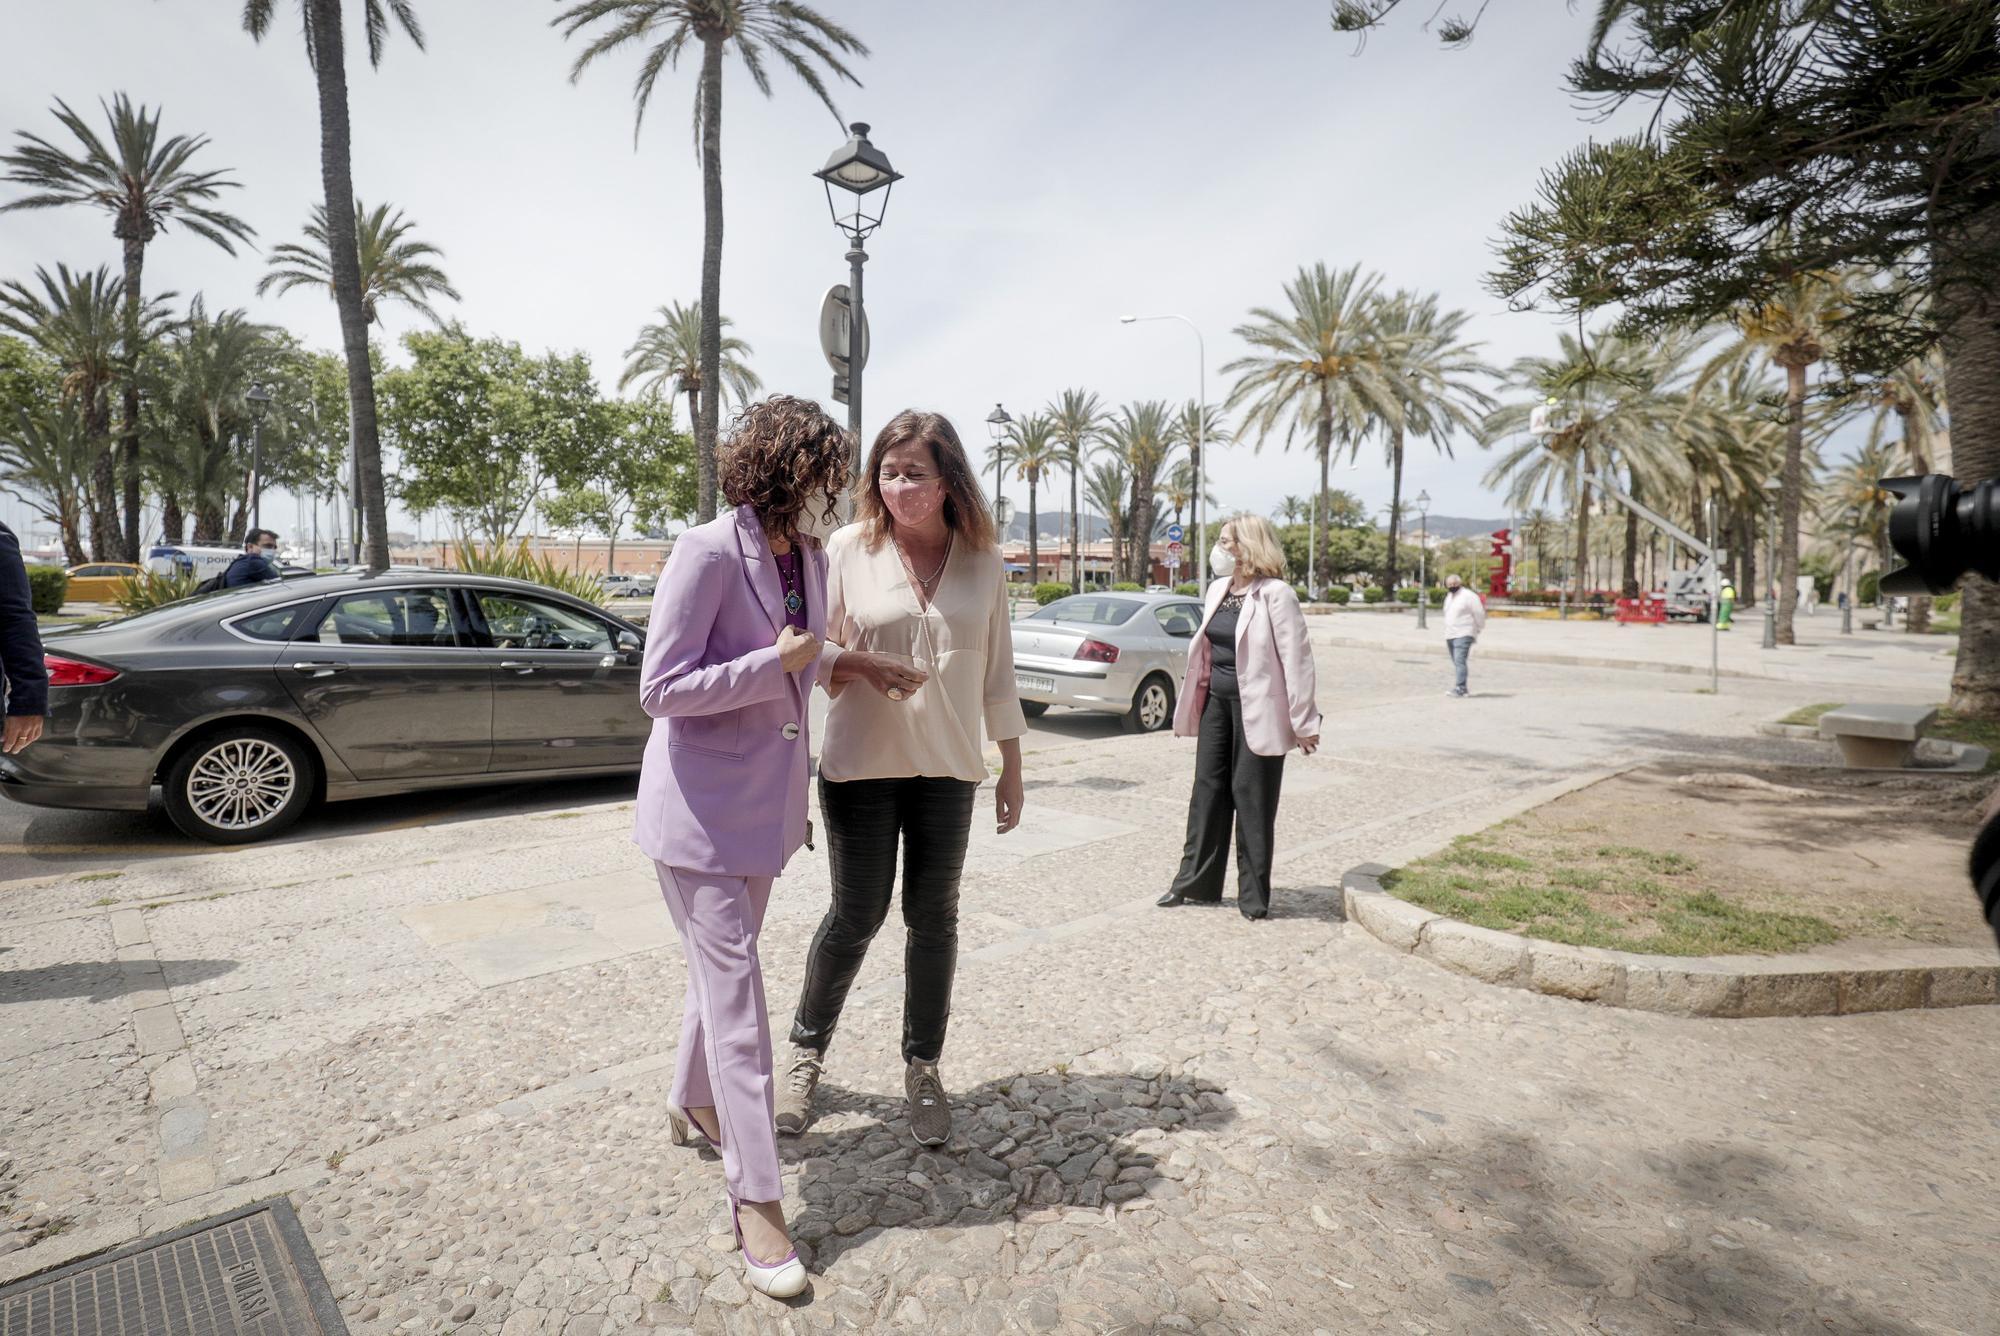 La ministra Montero promete negociar, pero da por cumplido el REB